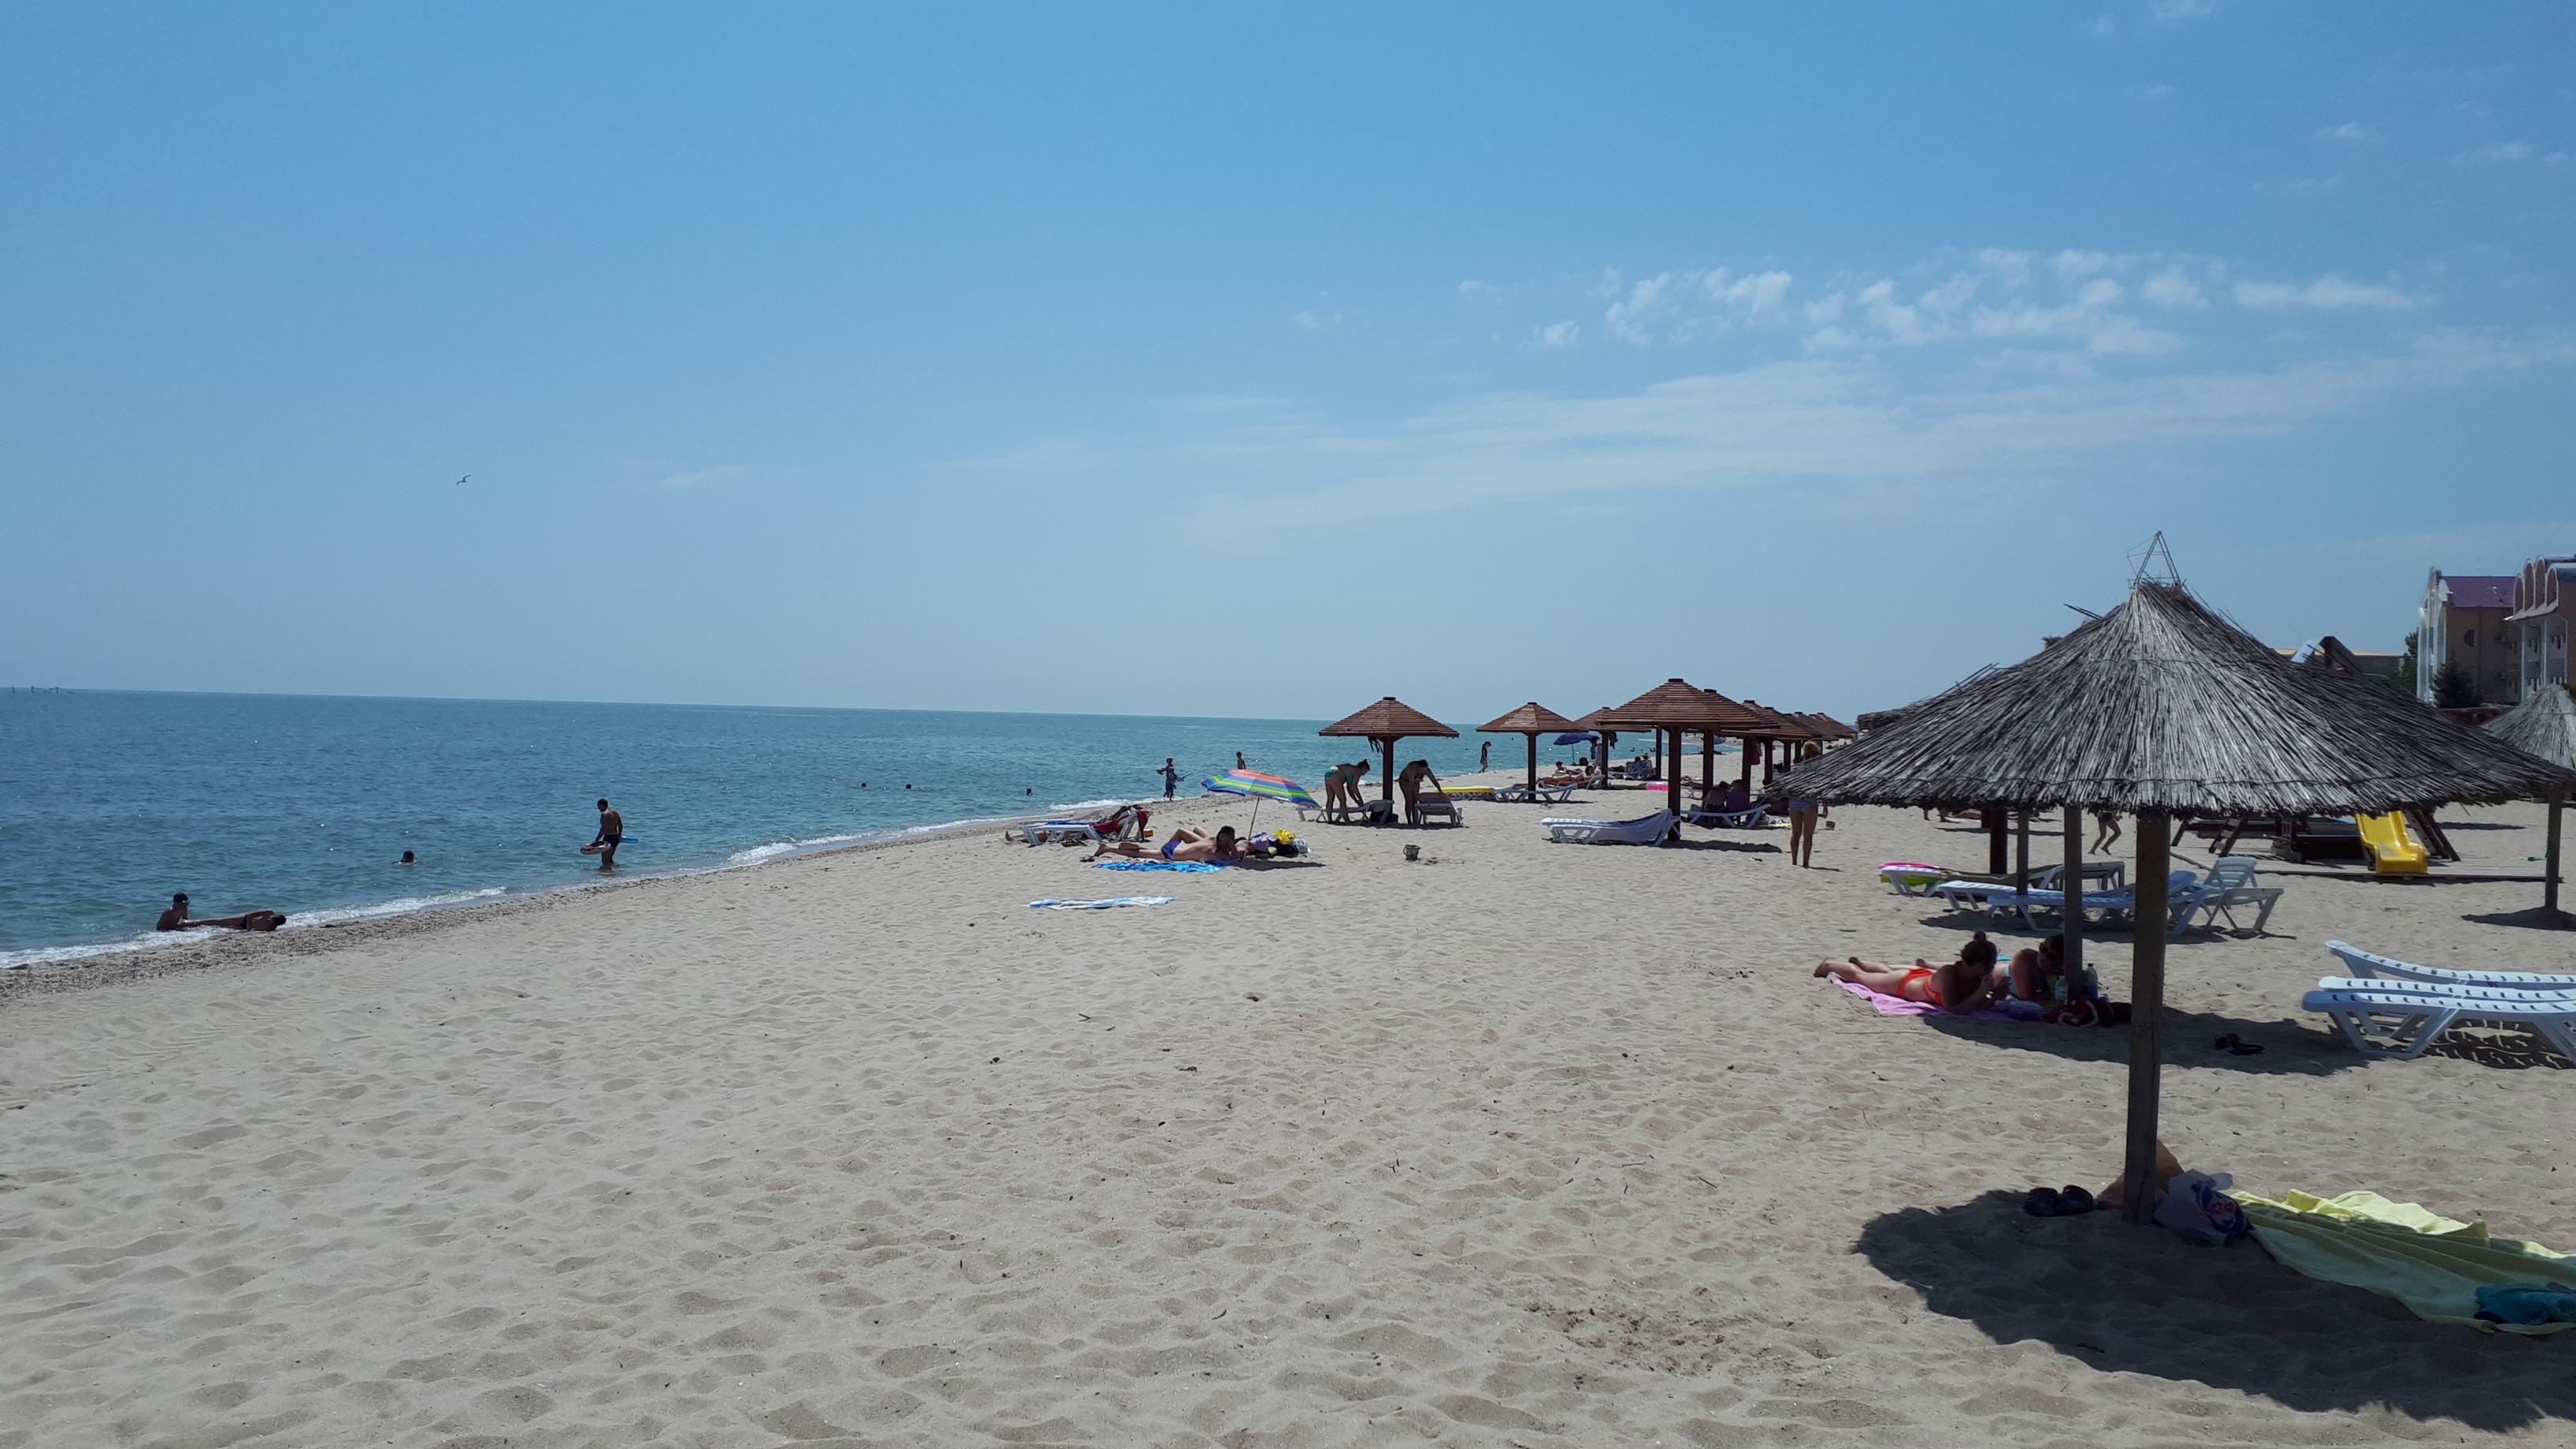 Затока центральний пляж база відпочинку Водограй фото